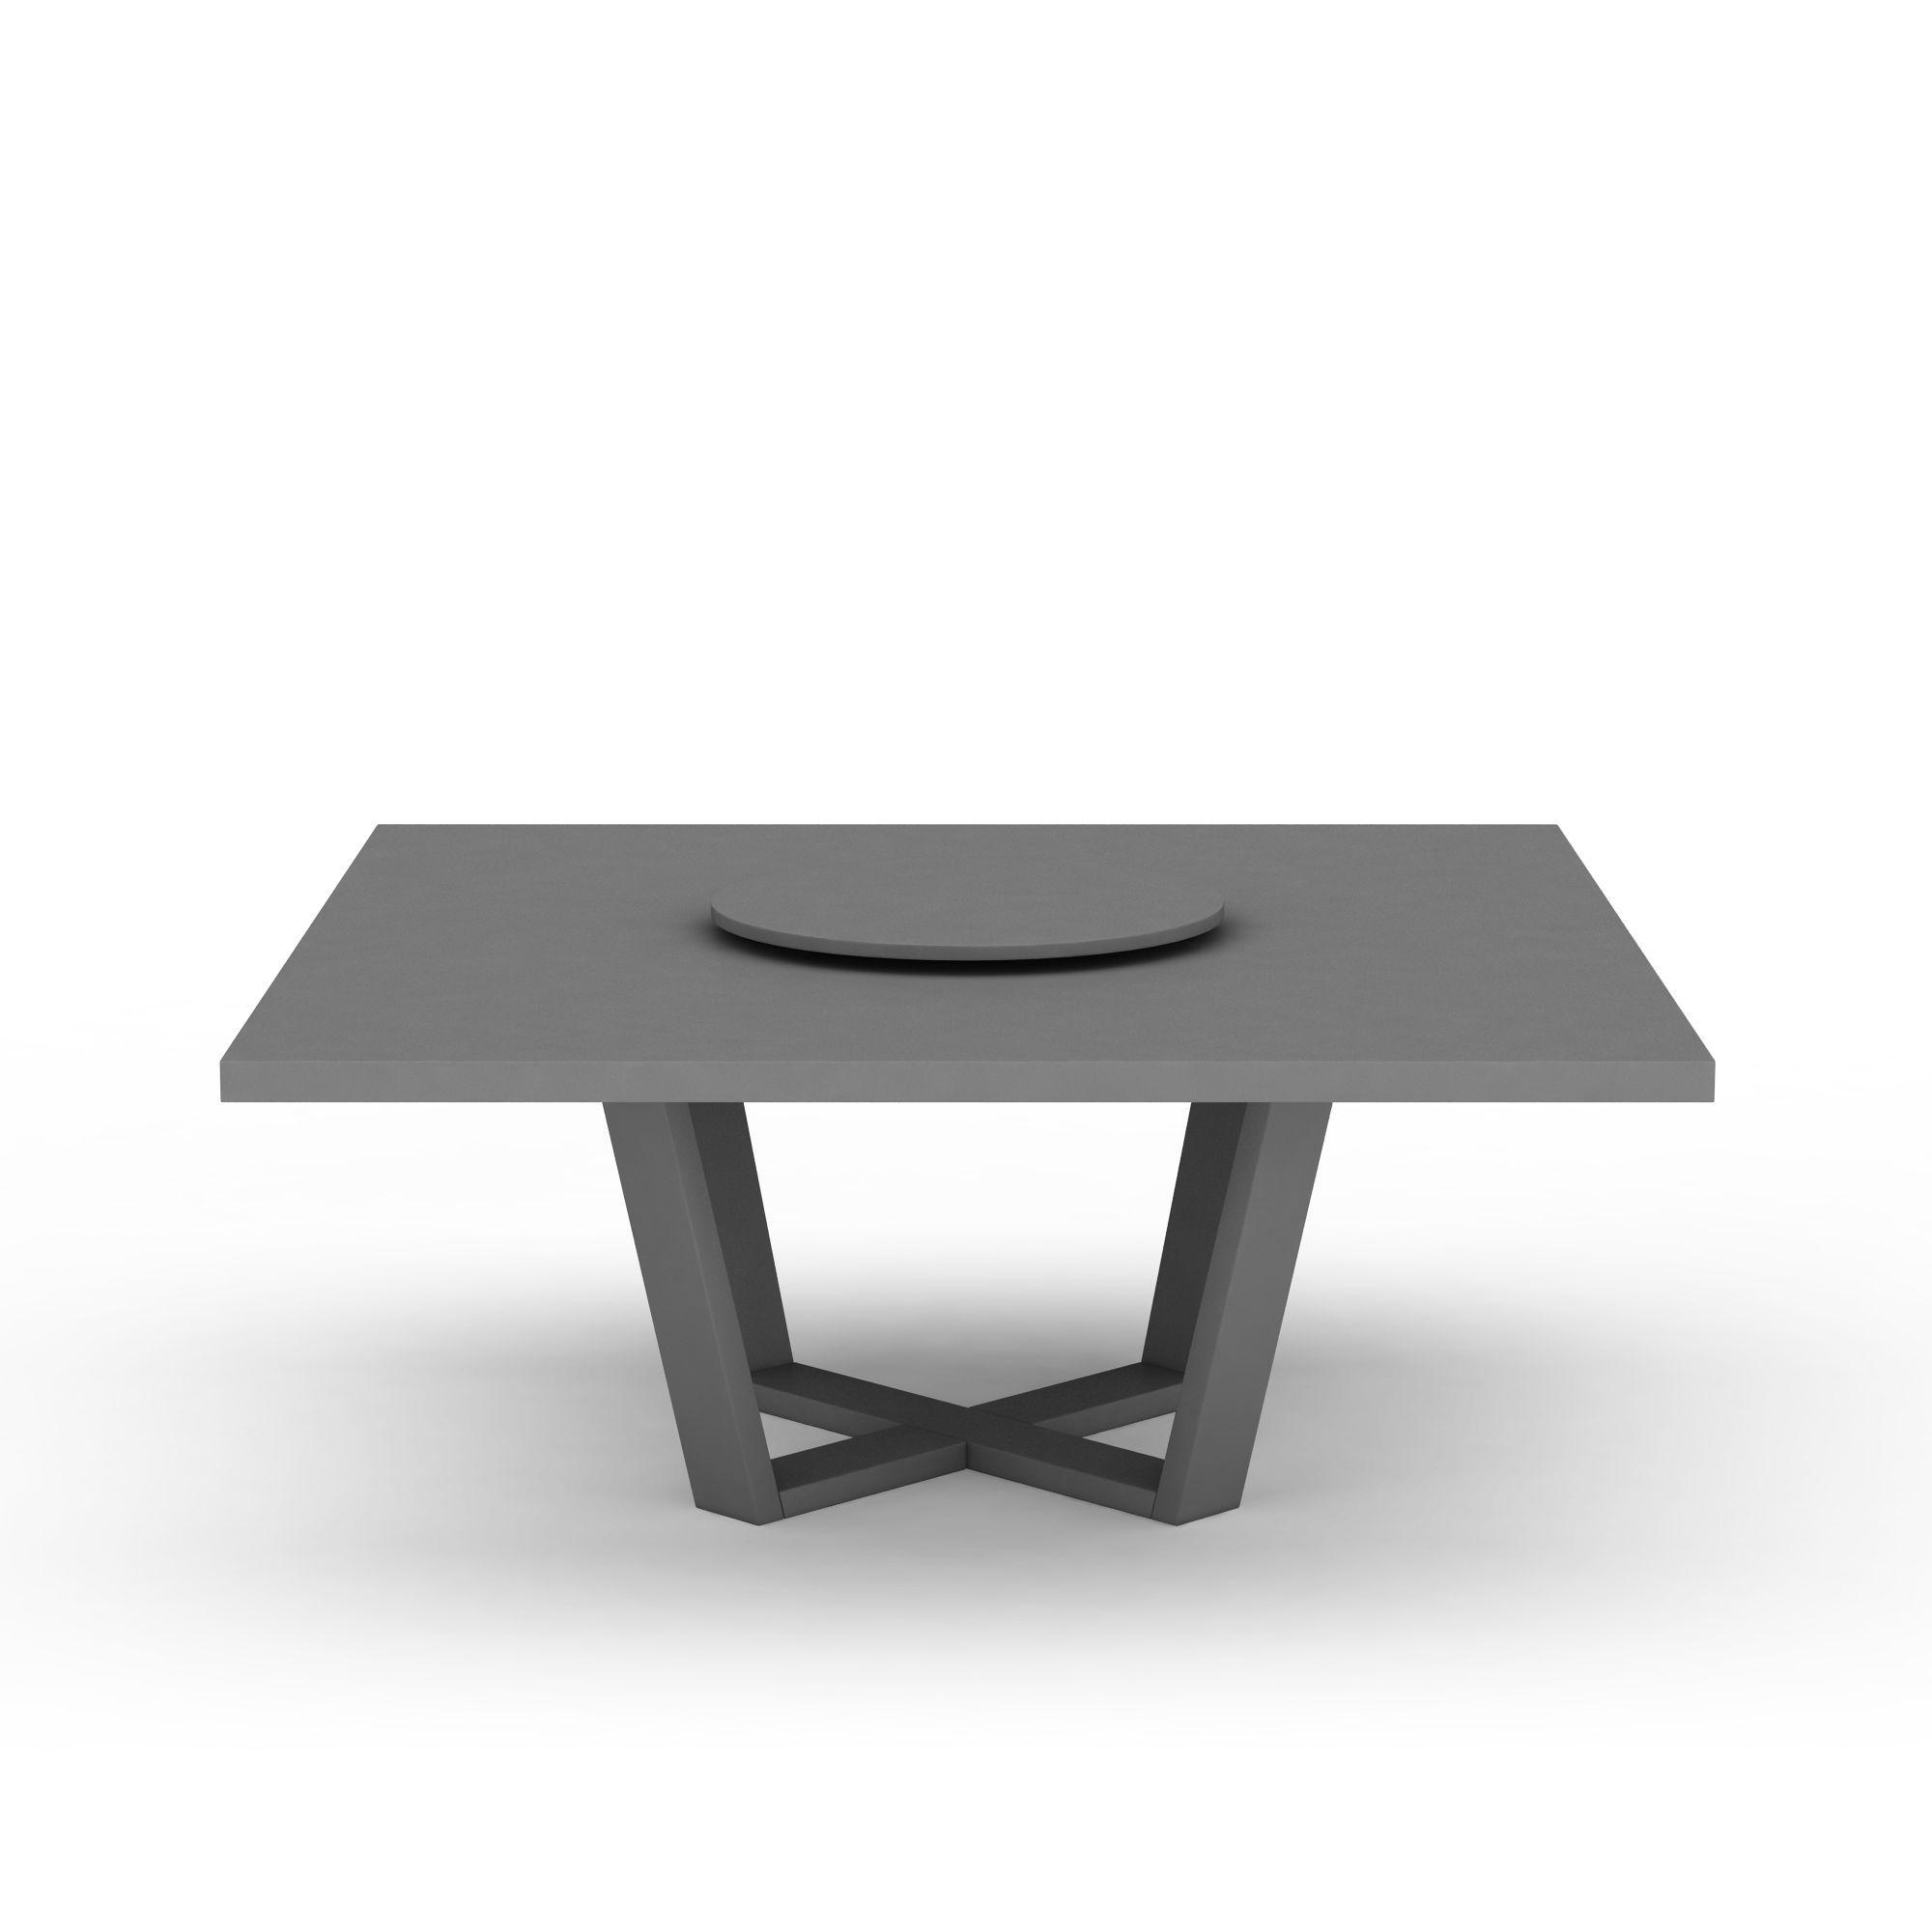 关键词:桌椅3d模型室外餐桌3d模型灰色桌子3d模型 相关图片素材下载